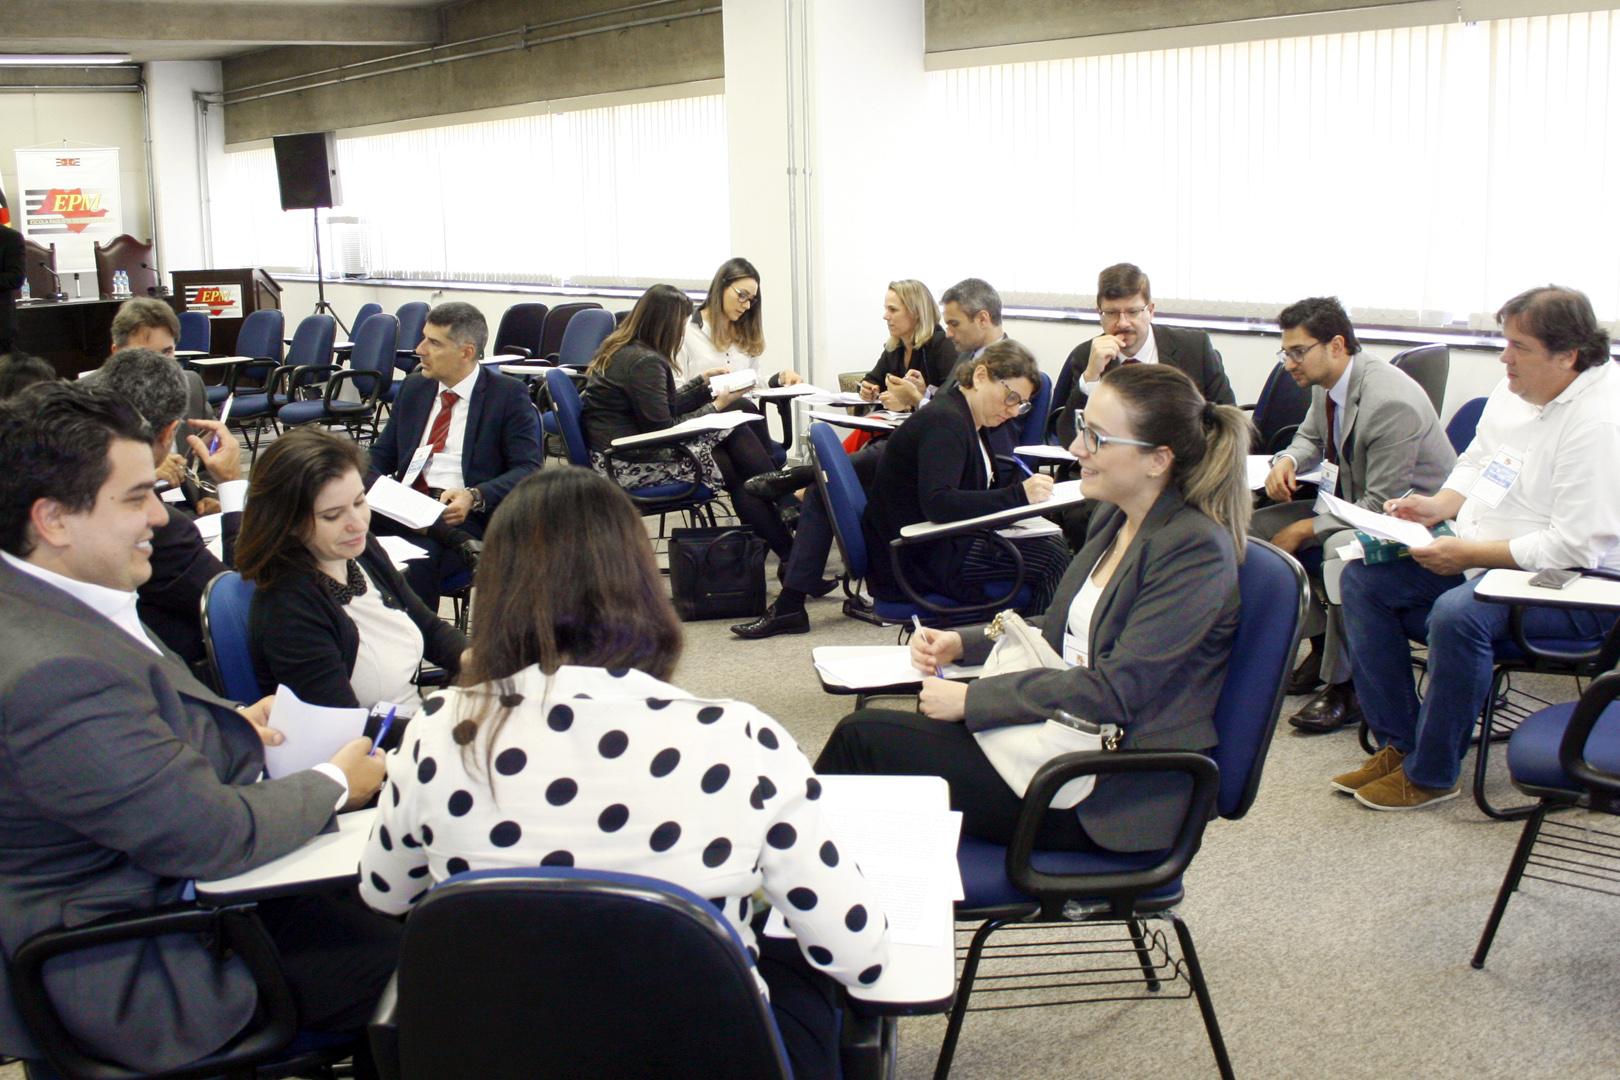 EPM realiza o curso 'Teoria e prática do novo Código de Processo Civil' para magistrados